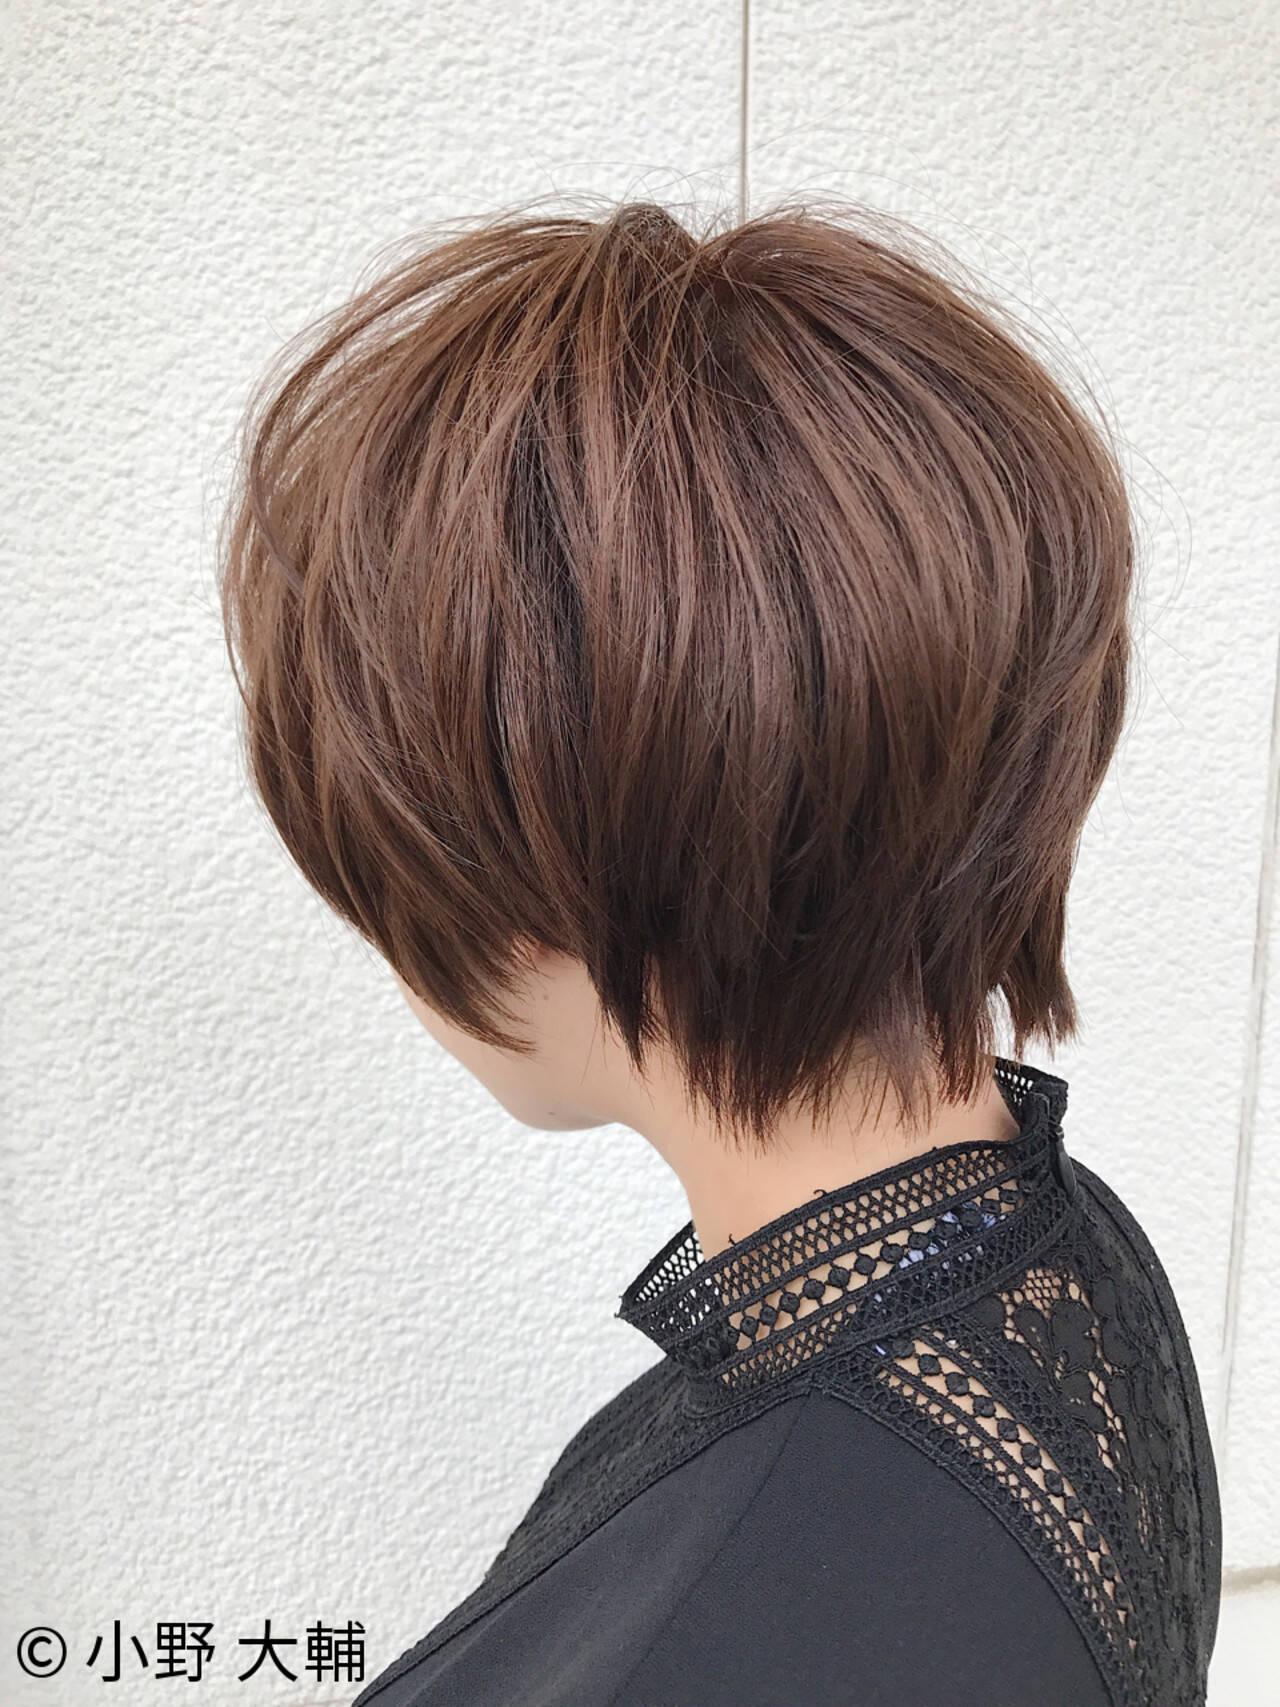 ショートバング 似合わせ ナチュラル マッシュヘアスタイルや髪型の写真・画像